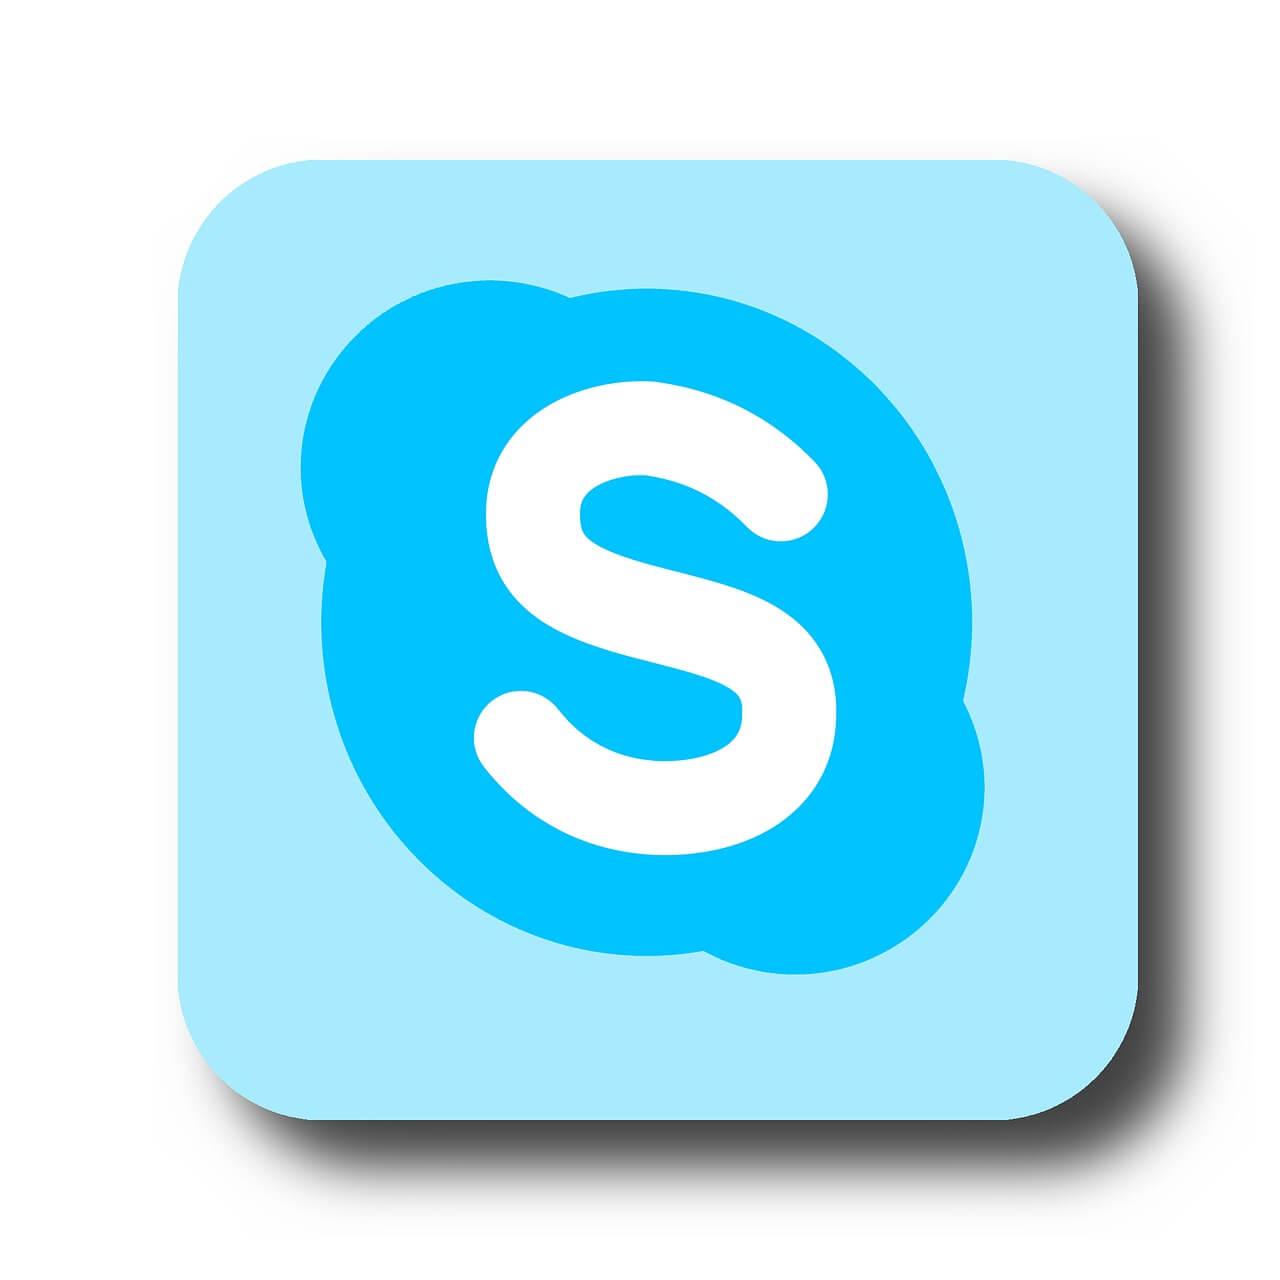 دانلود اسکایپ